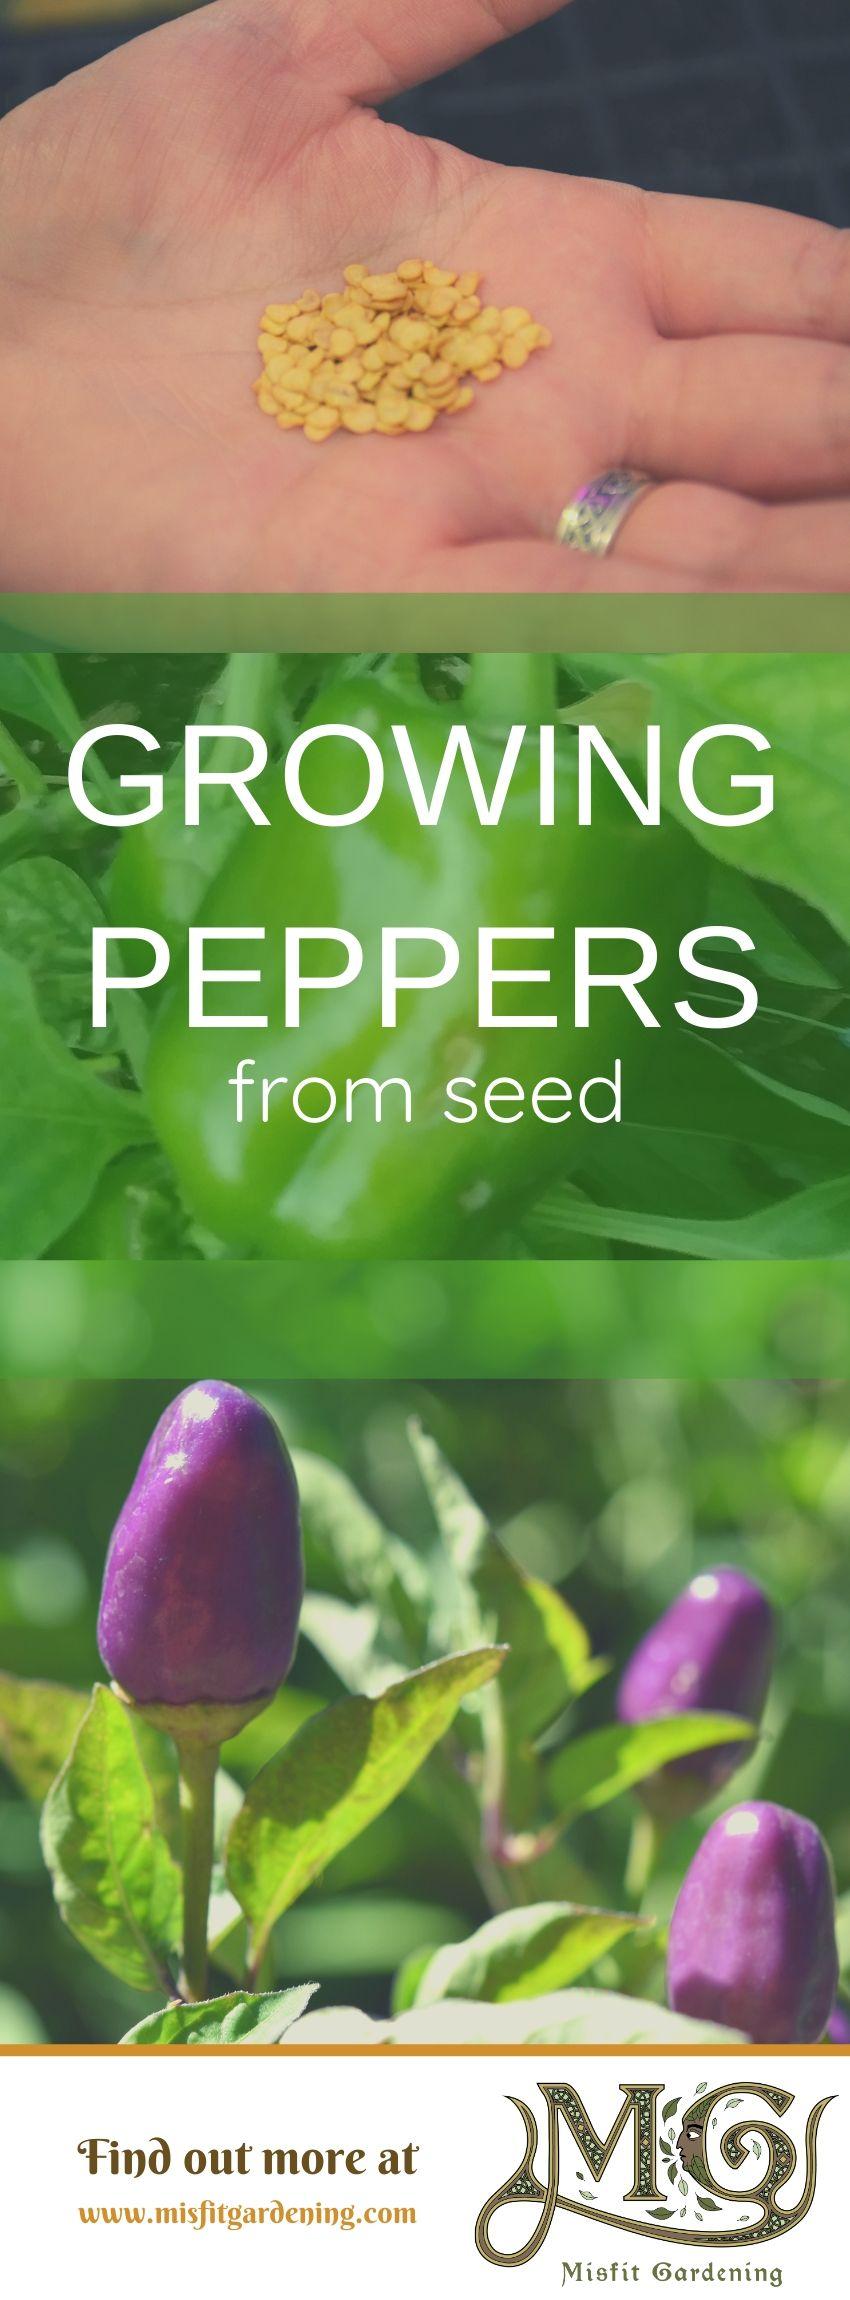 Finden Sie heraus, wie man Paprika aus Samen züchtet. Klicken Sie hier, um mehr über den Anbau von Paprika zu erfahren, oder stecken Sie ihn fest und speichern Sie ihn für später. #Garten #Nongmo #Haus